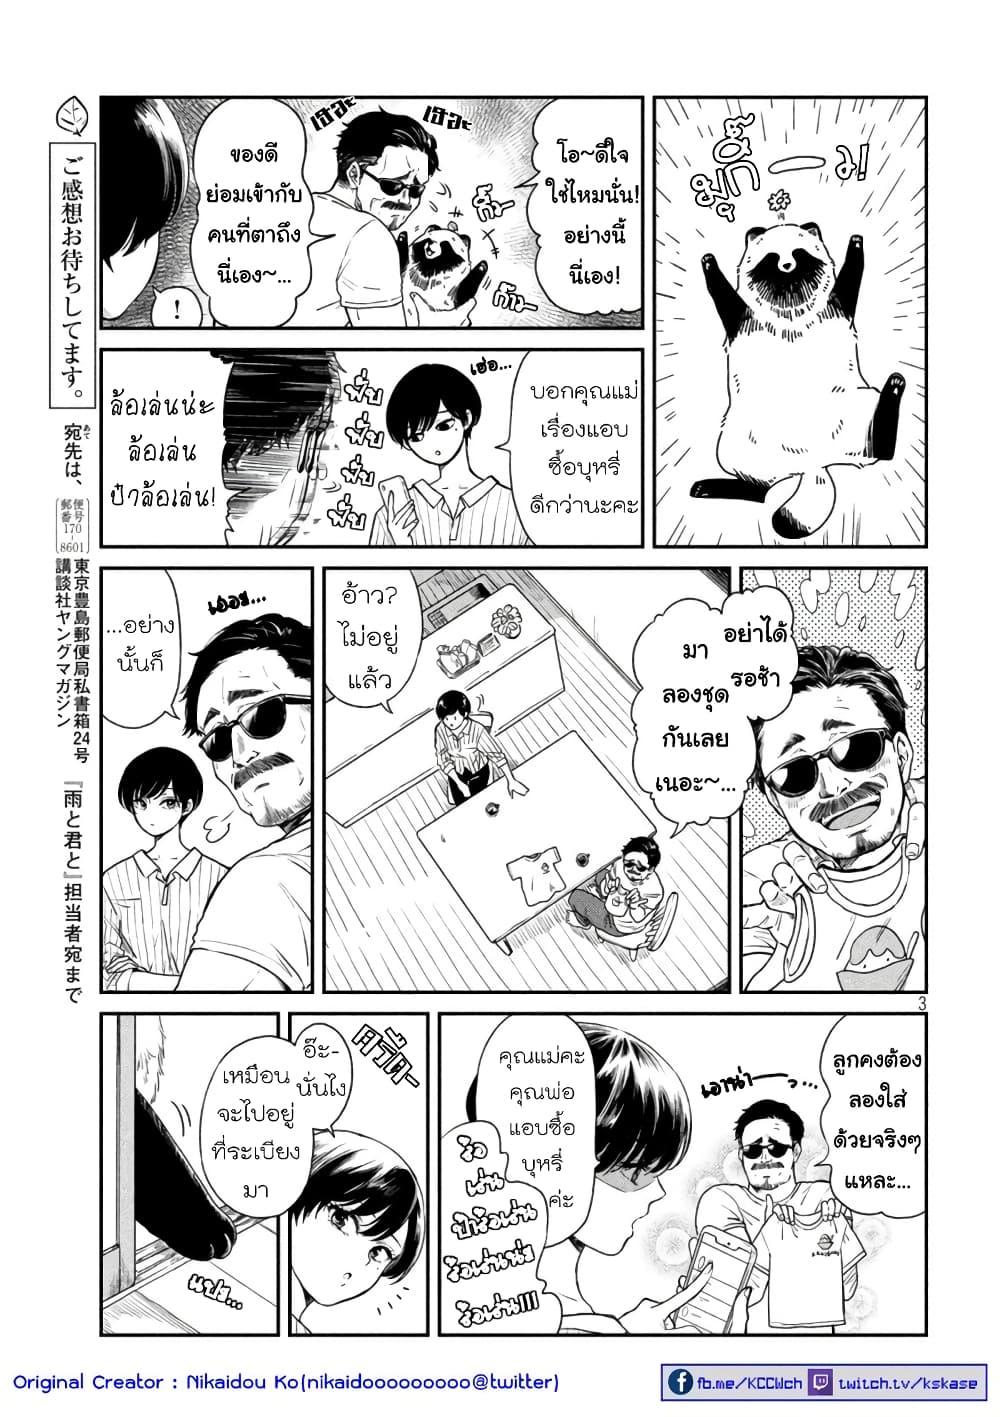 อ่านการ์ตูน Ame to Kimi to ตอนที่ 16 หน้าที่ 3